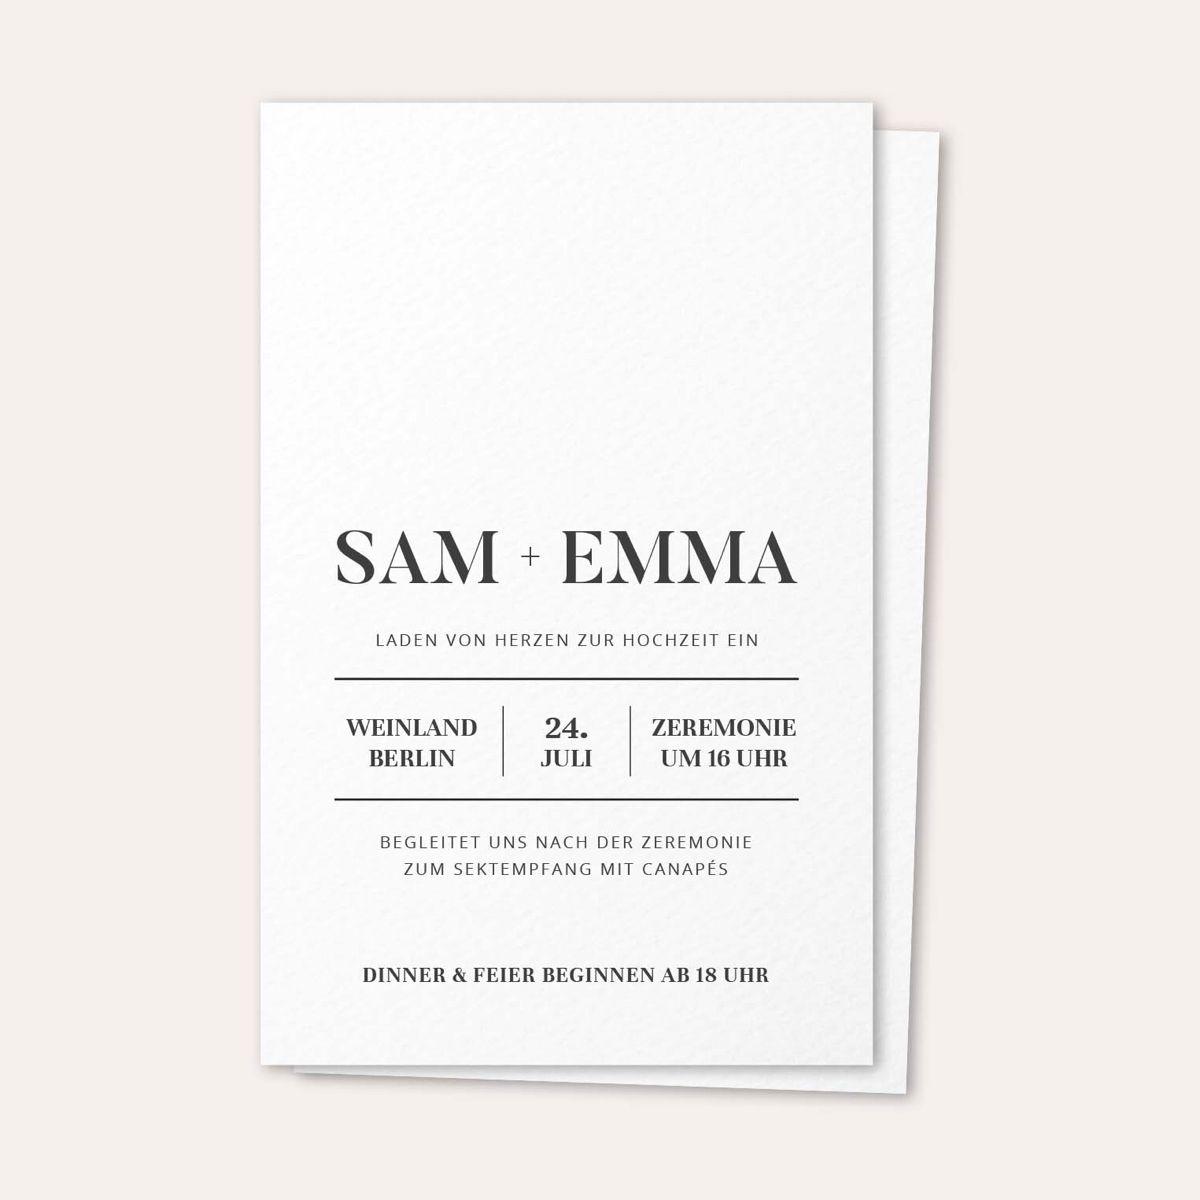 Hochzeitseinladung Vorlage Fur Word In 2020 Hochzeitseinladung Hochzeitseinladung Text Einladungen